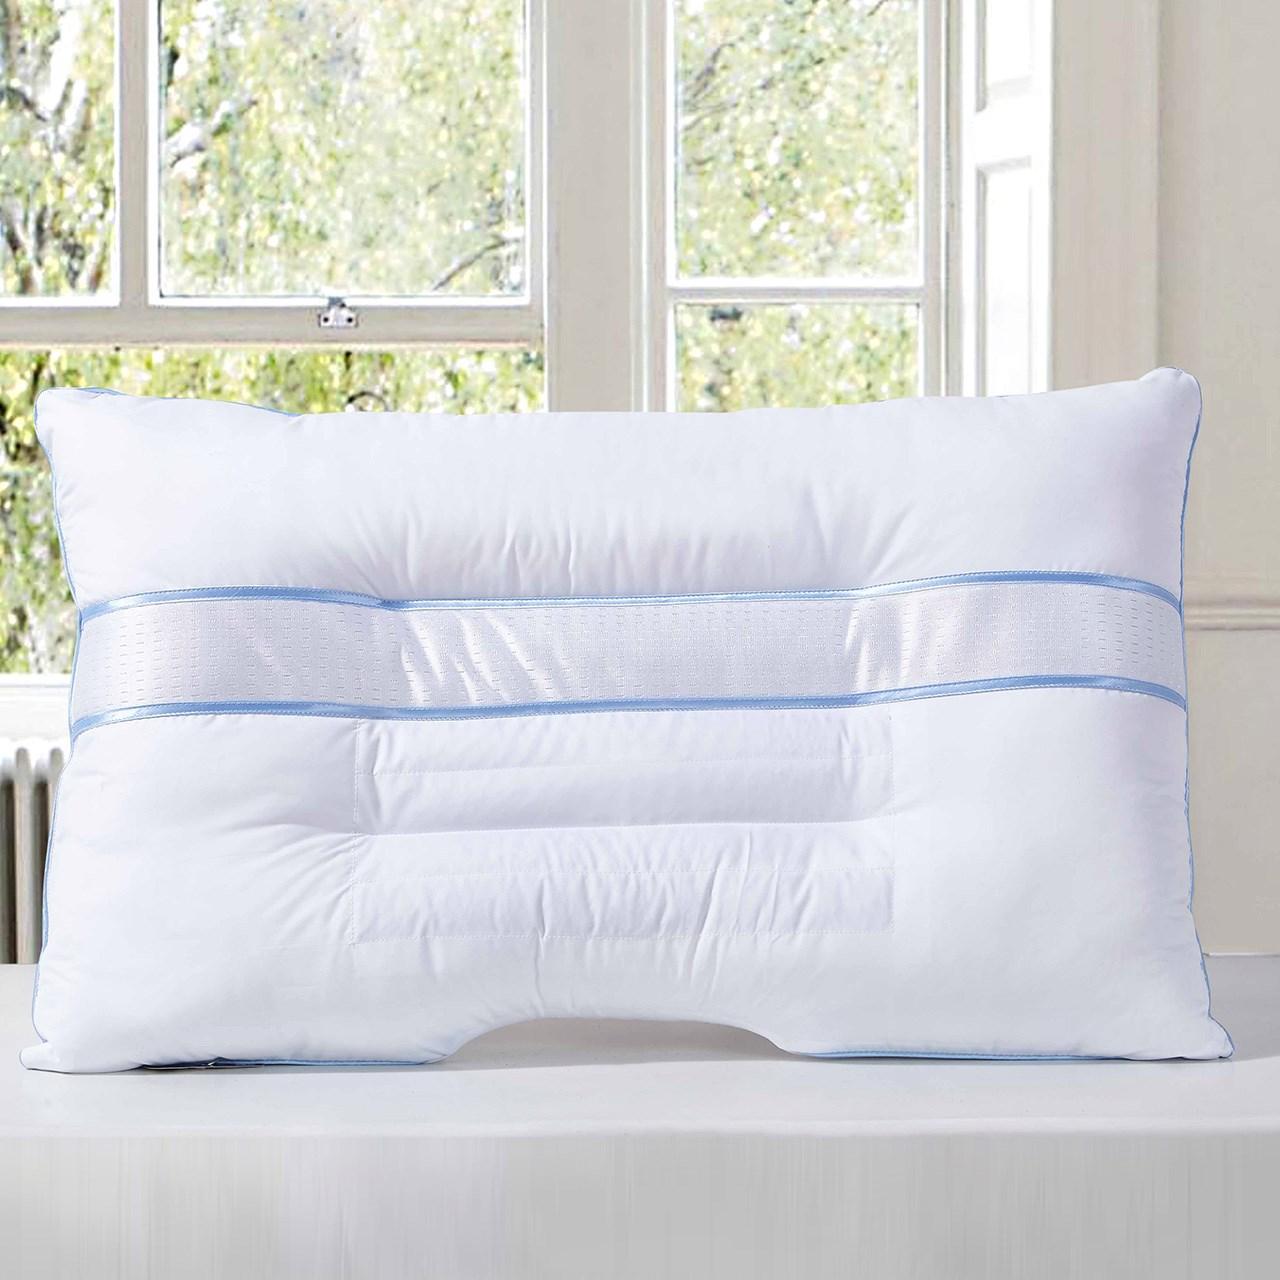 枕枕の家庭用紡績品護頚枕枕シングル頸椎睡眠全体を枕に頭ケツメイシ成人快適